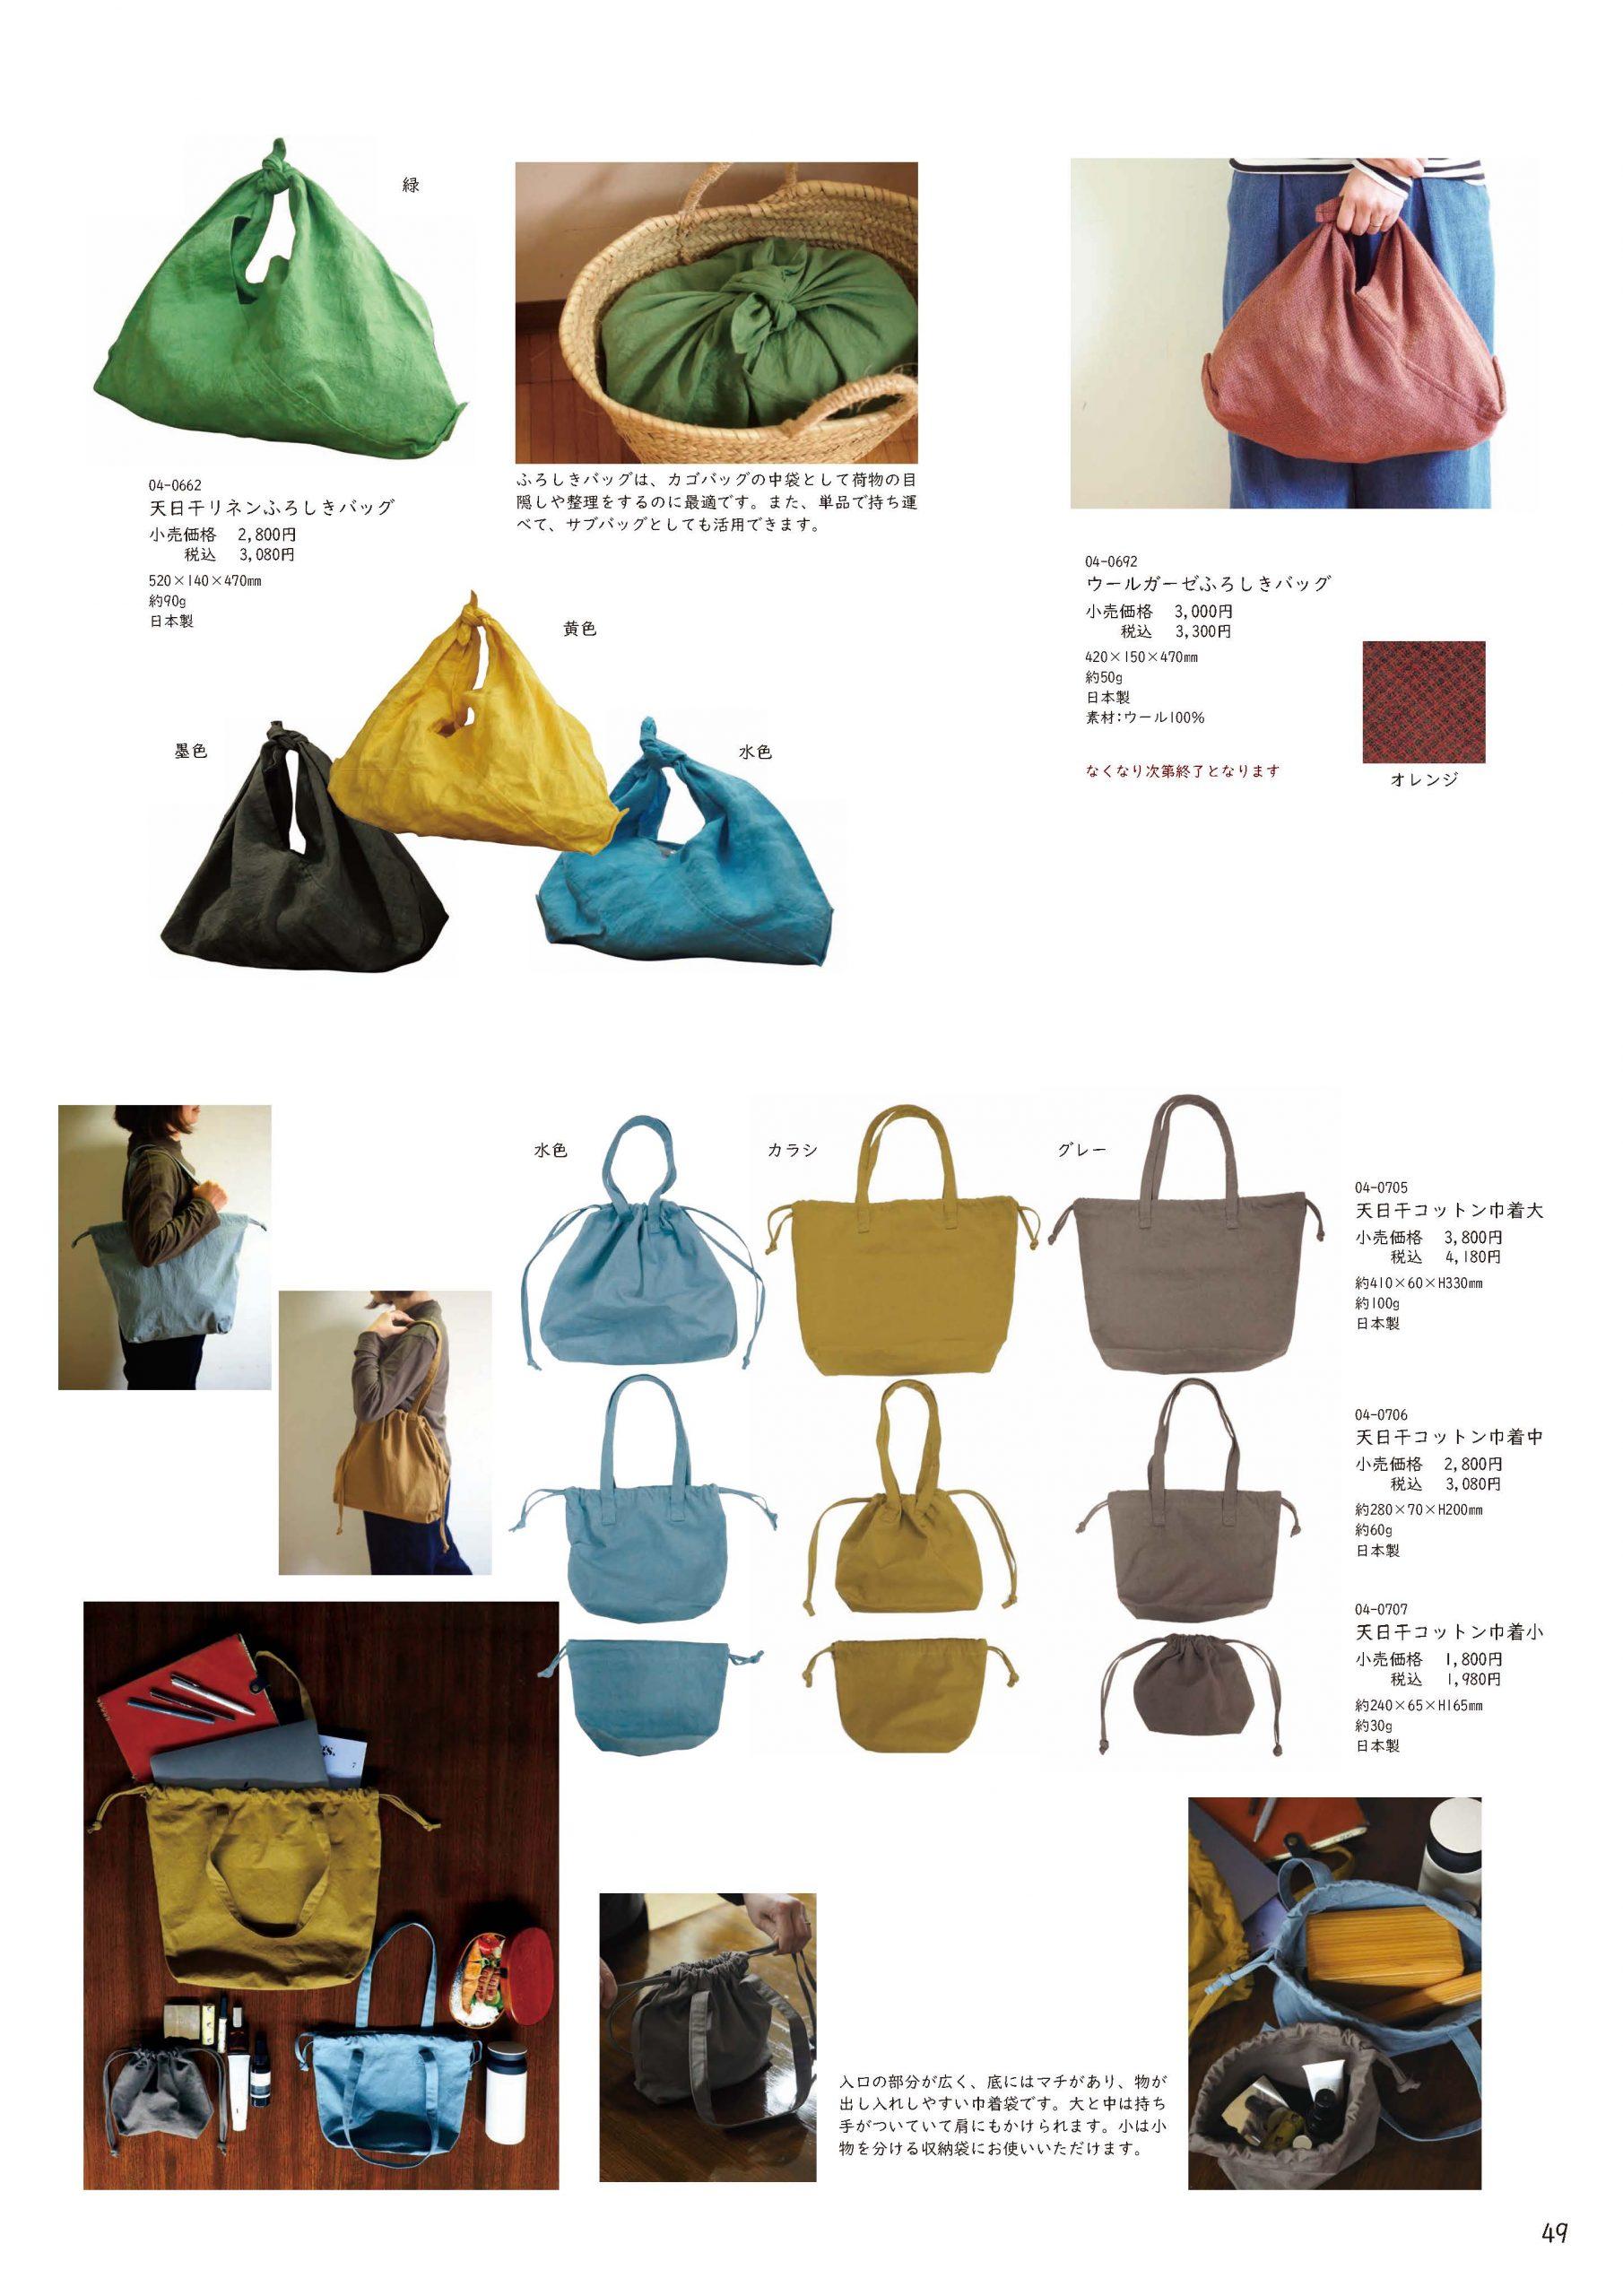 布・牛革小物①-ふろしきバッグ・天日干コットン巾着・カディコットン-